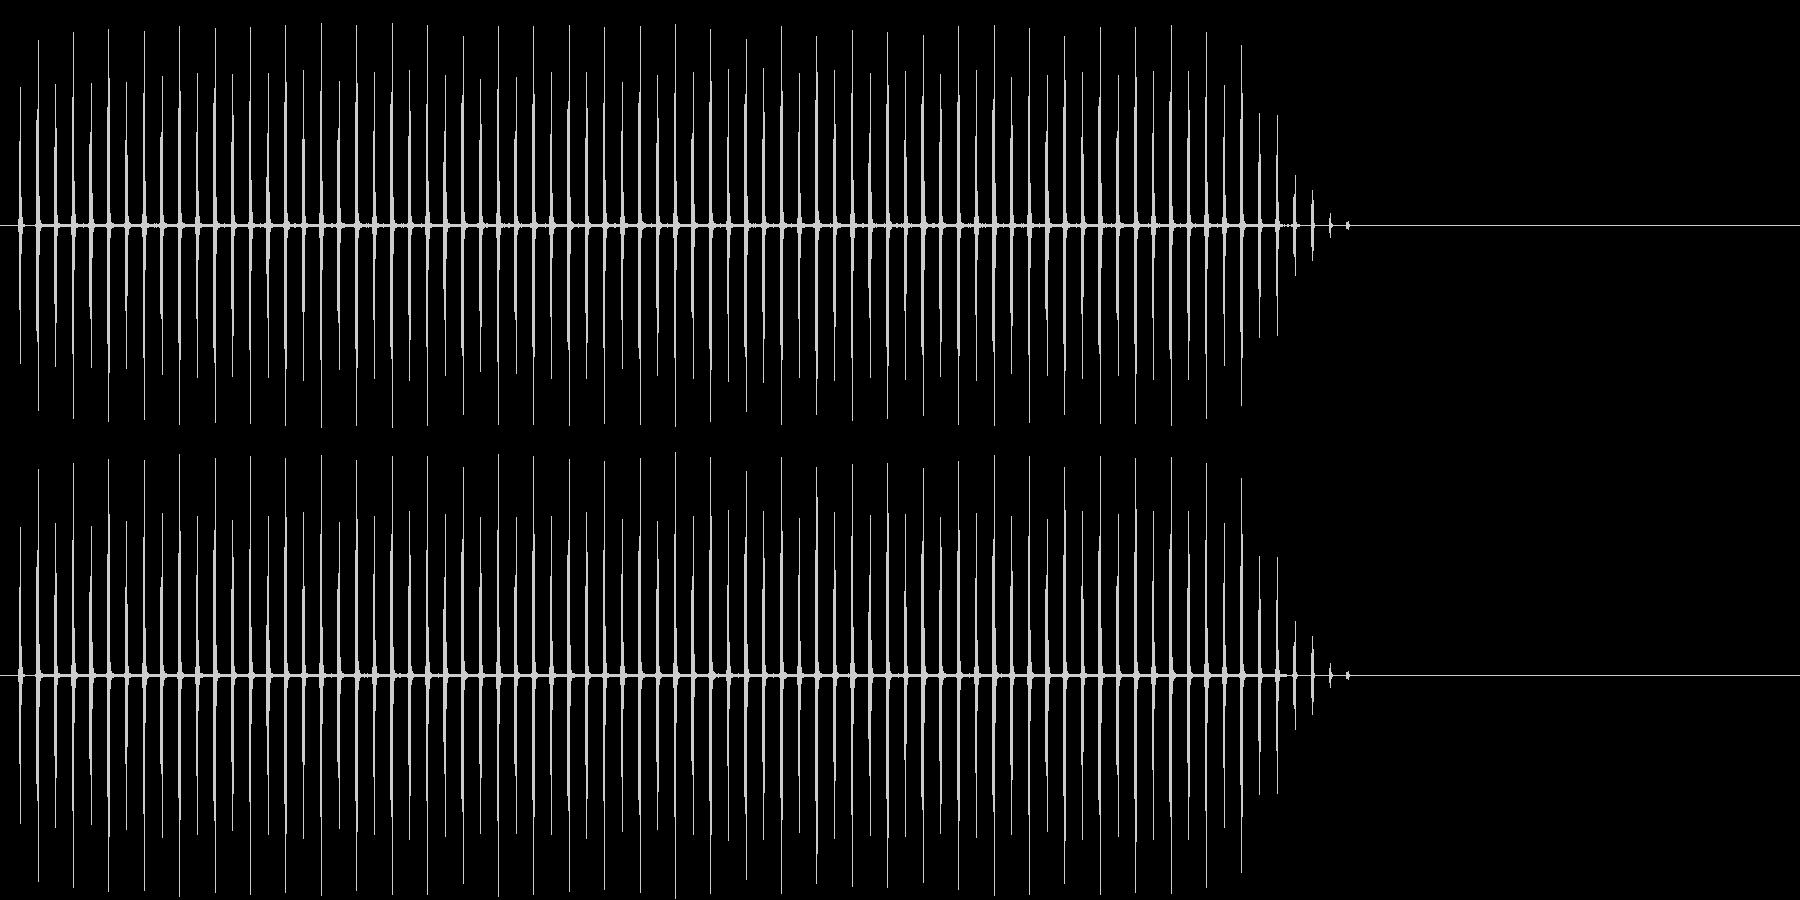 場面 時計 タイマーの未再生の波形